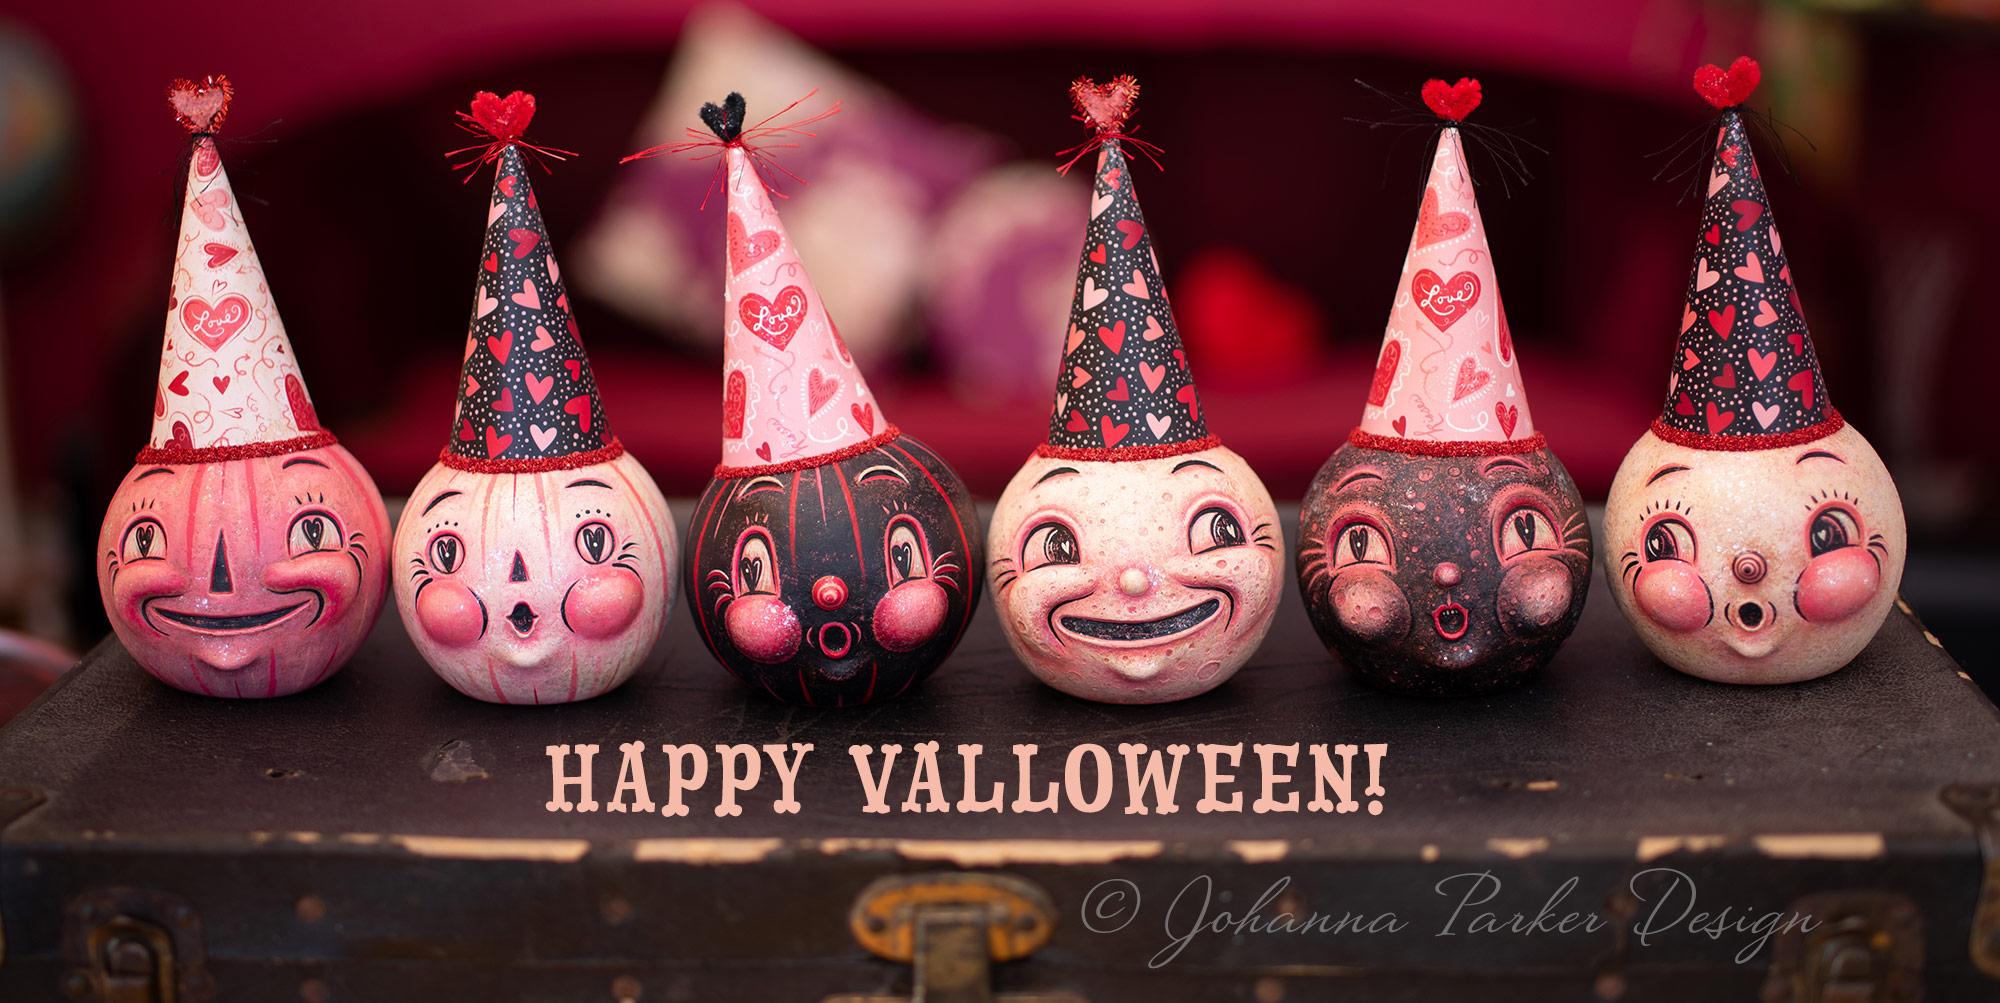 Happy-Valloween-Johanna-Parker-Folk-Art.jpg